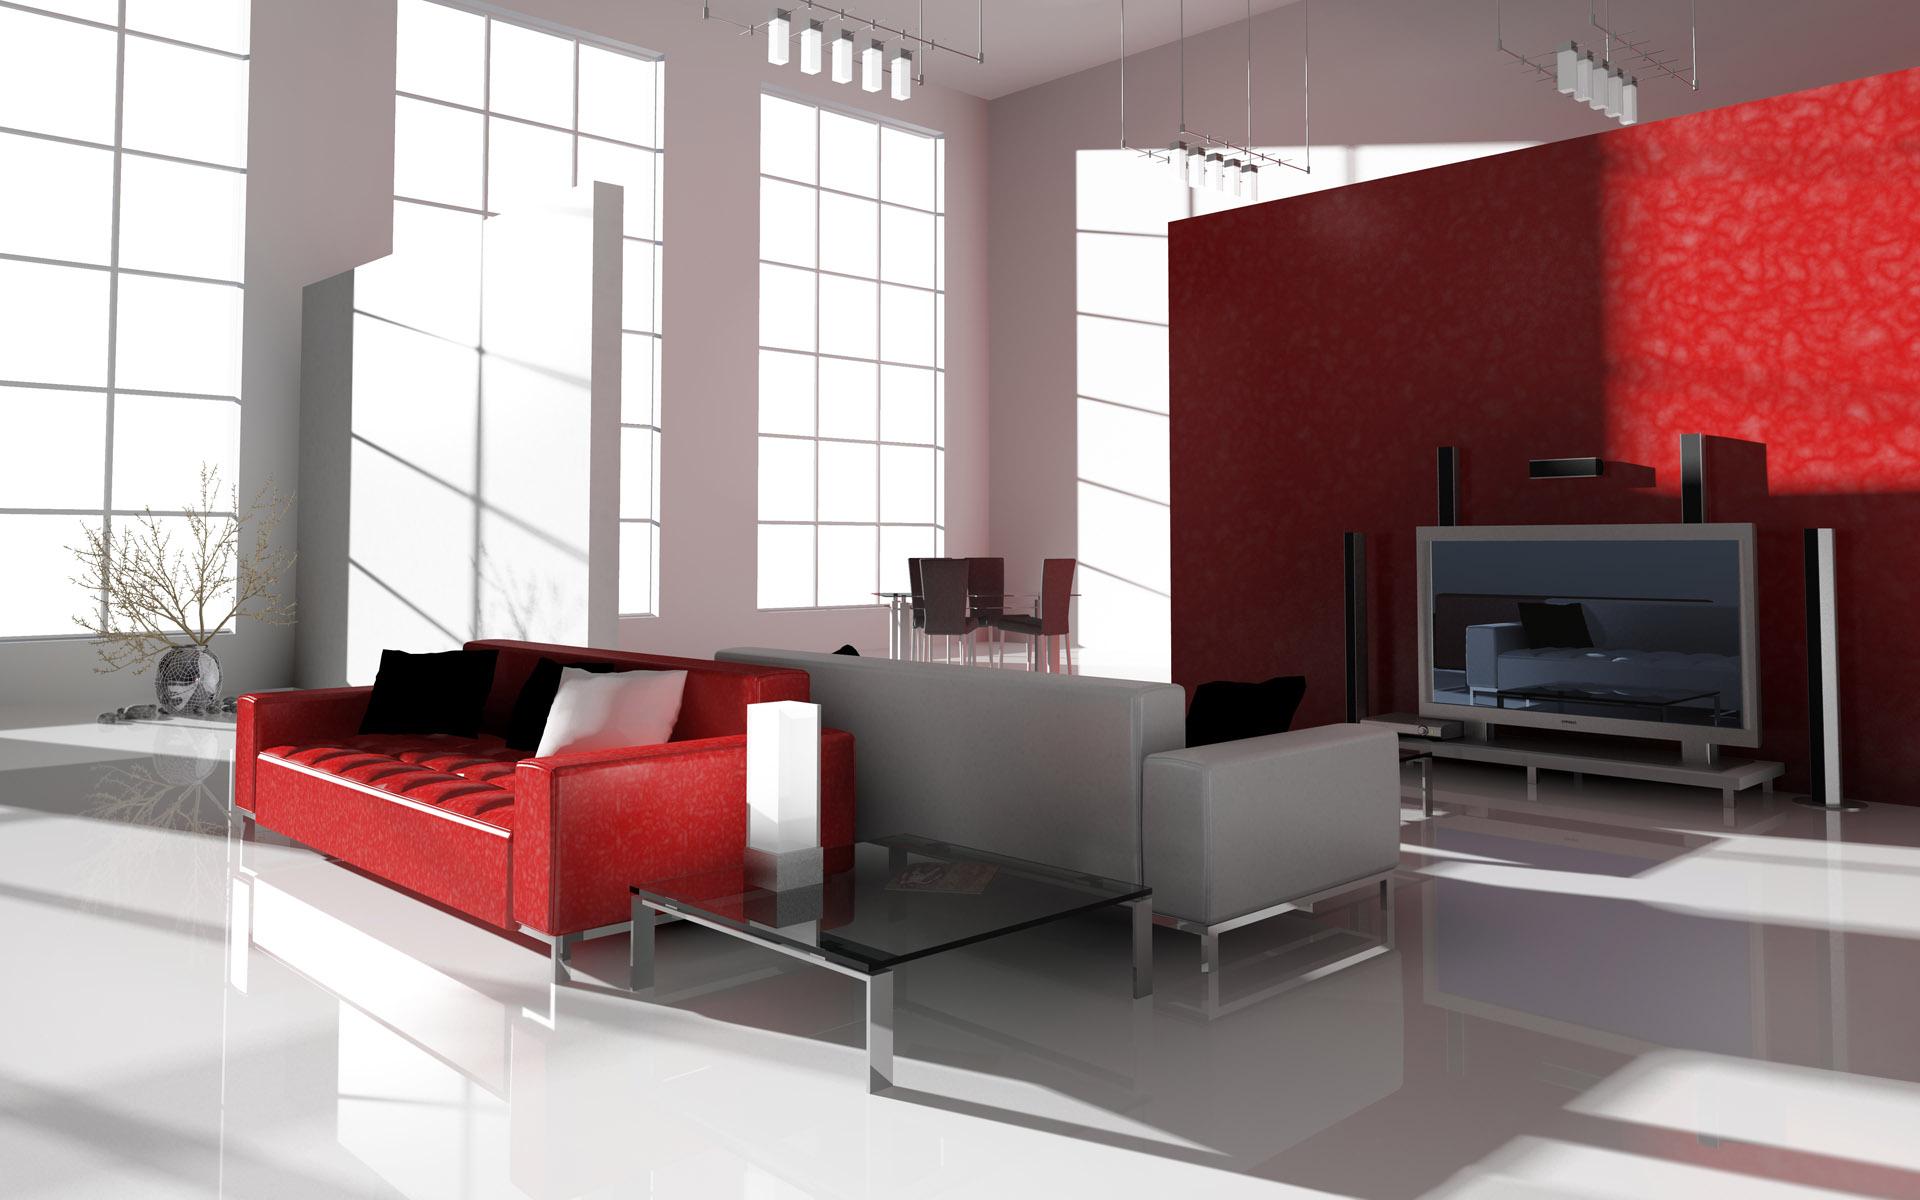 19409_home_interior_modern_home_interior